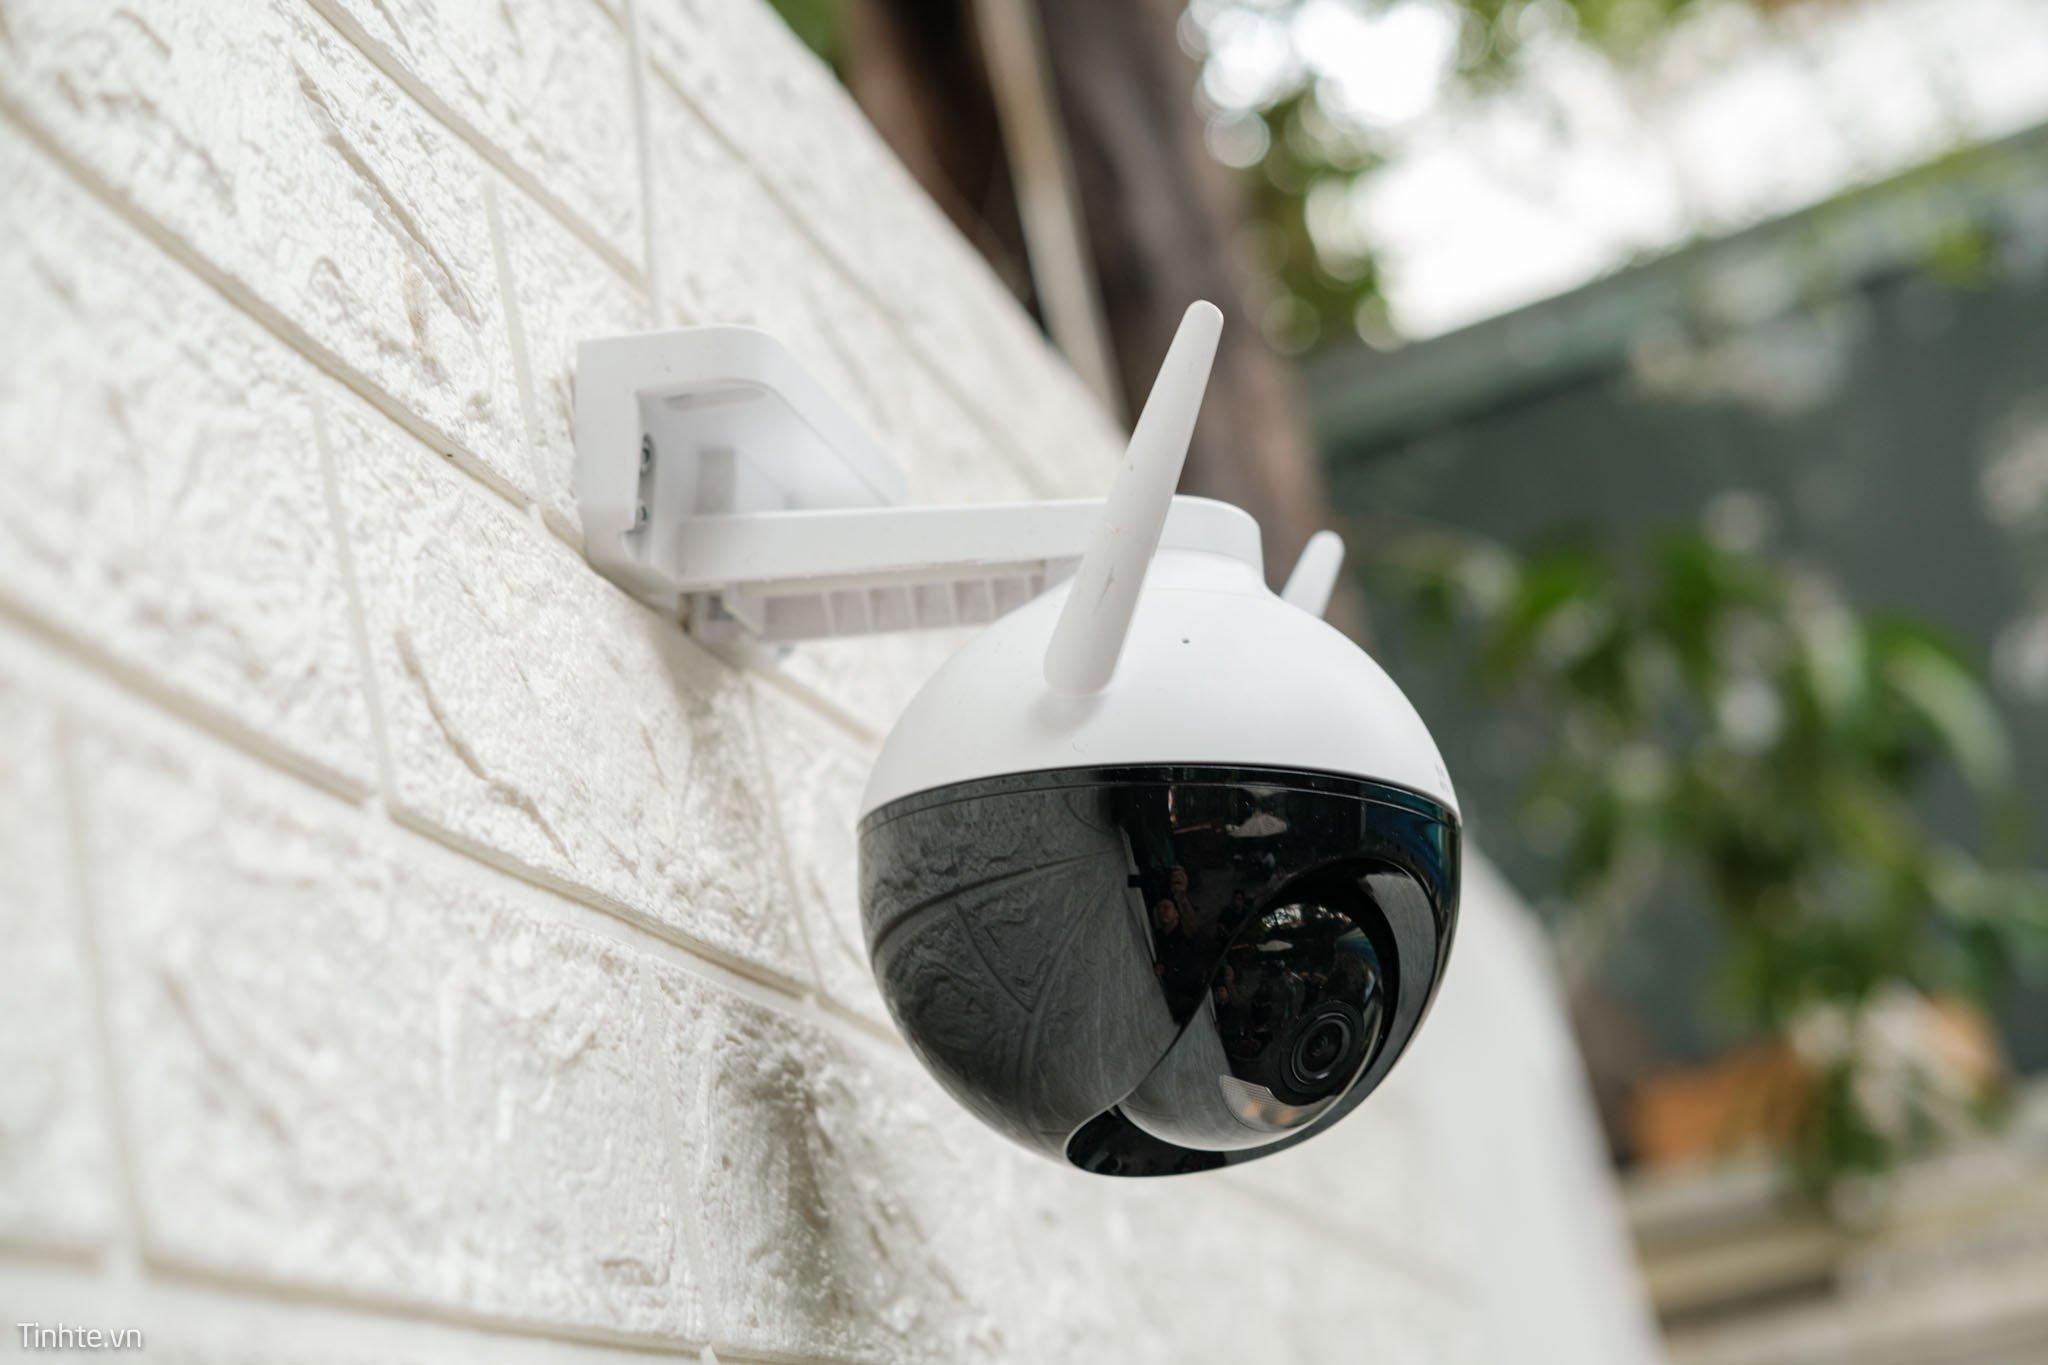 Trải nghiệm camera ngoài trời EZVIZ C8C: camera 360 độ, khả năng quay quét đêm tốt